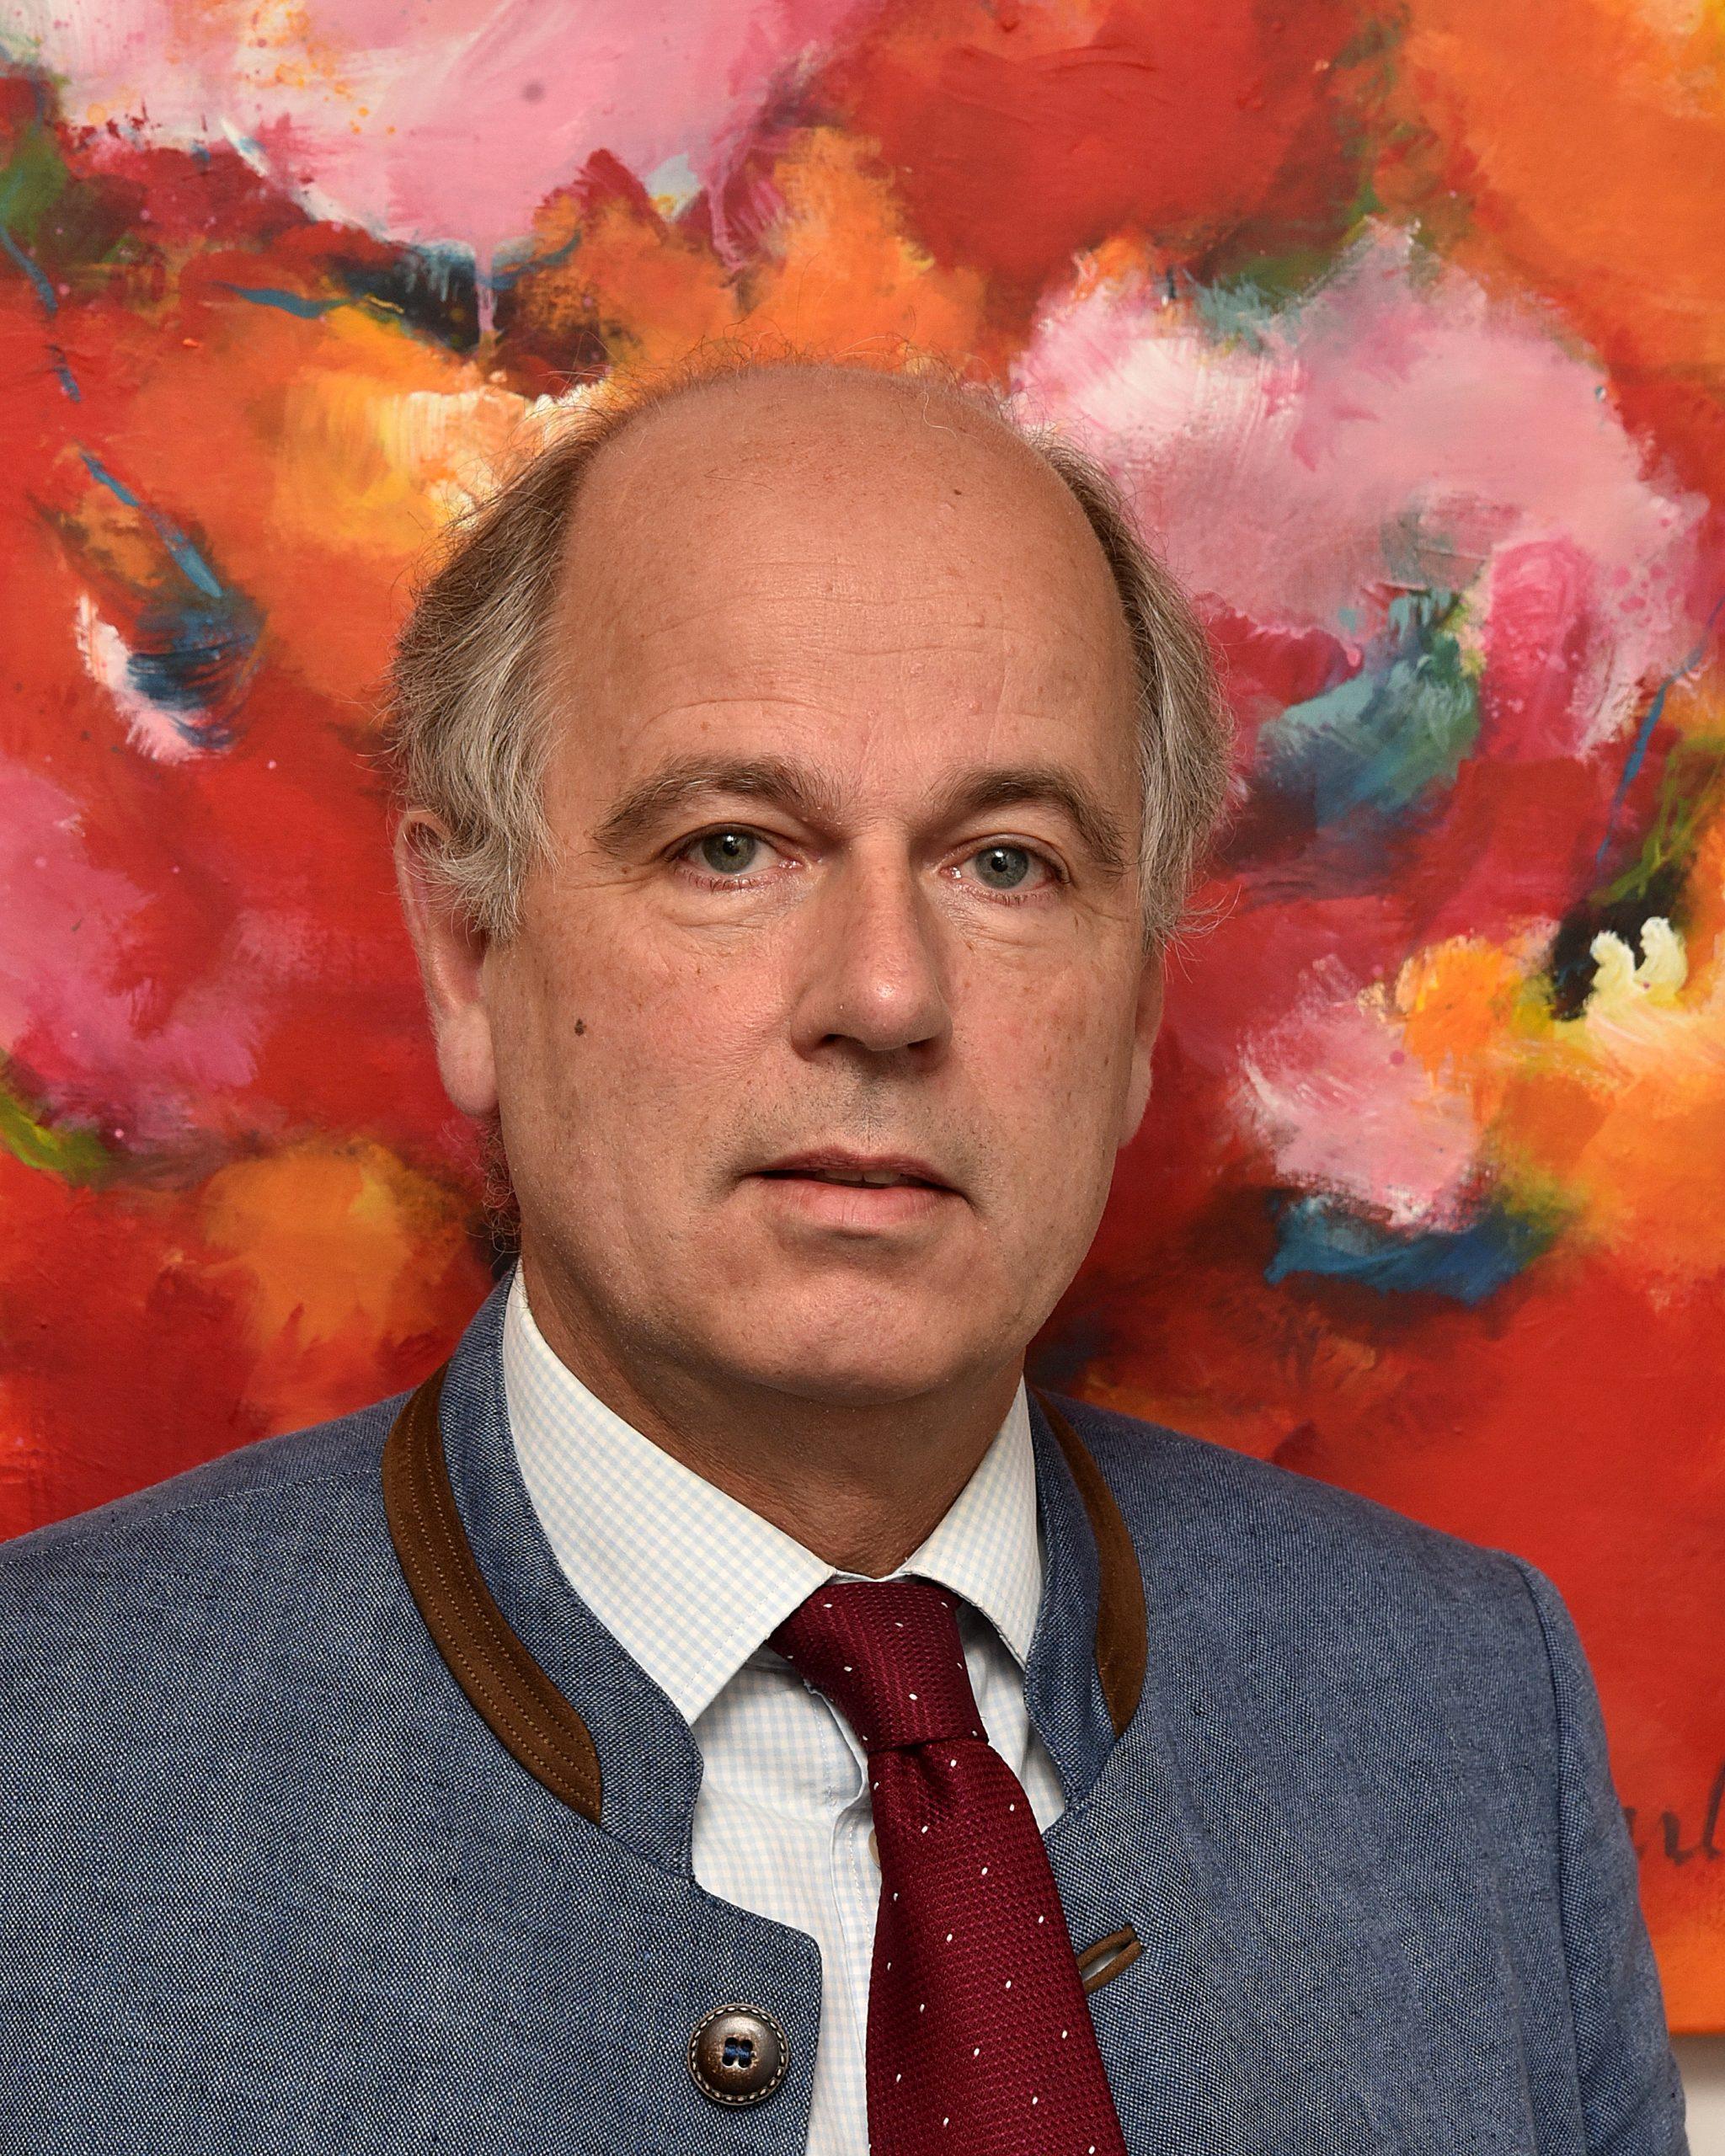 Tim Gielens